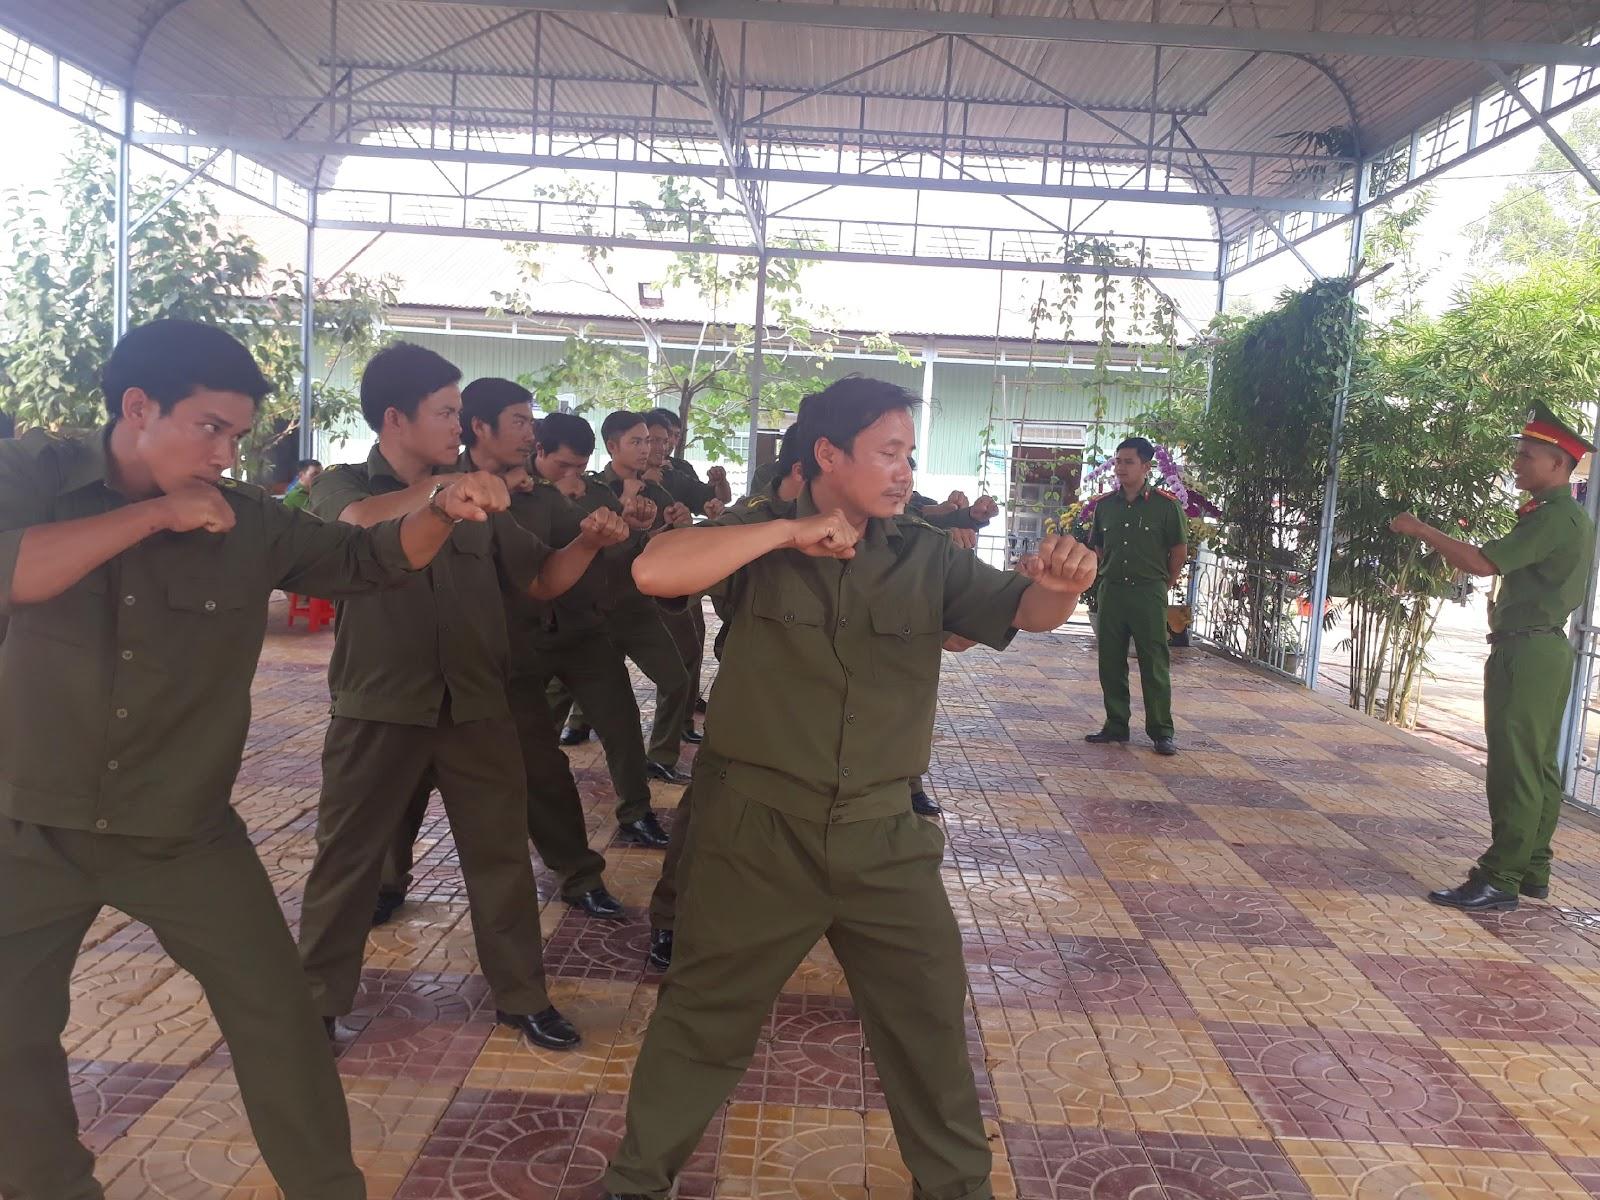 Công an huyện Ia H'Drai khai giảng lớp tập huấn Điều lệnh và huấn luyện quân sự, võ thuật lực lượng Công an xã năm 2018